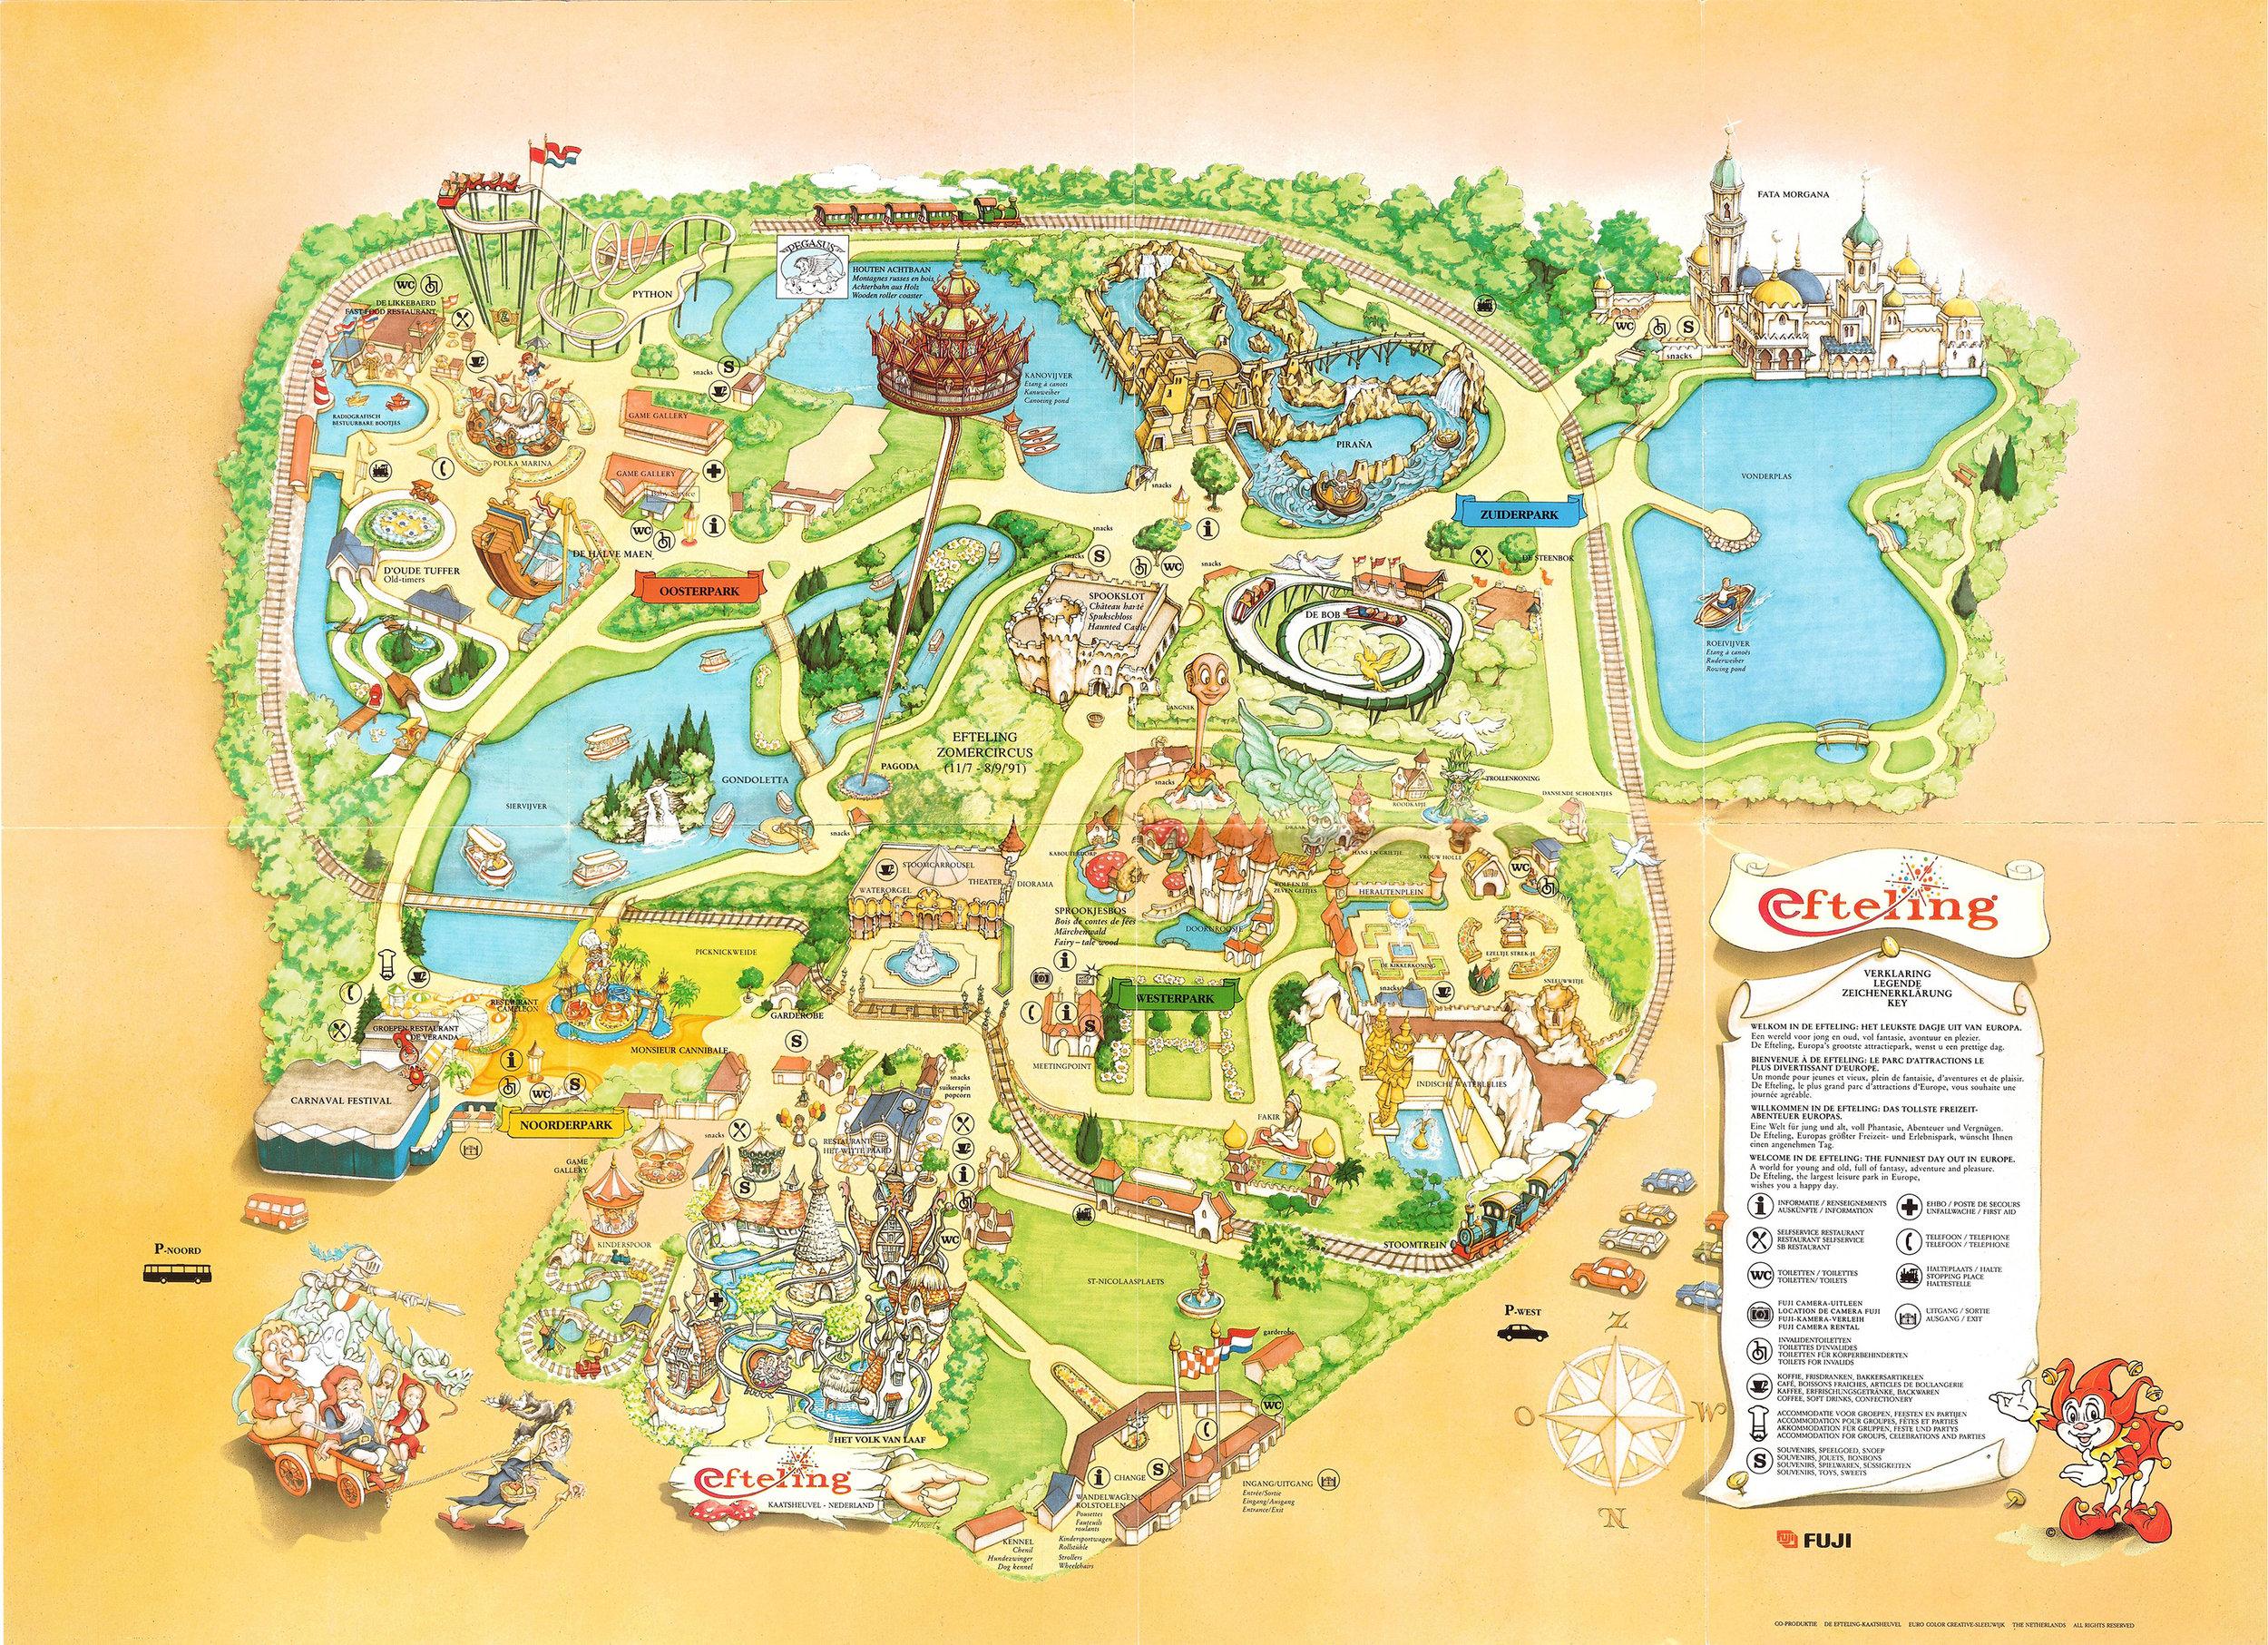 Efteling plattegrond 1991